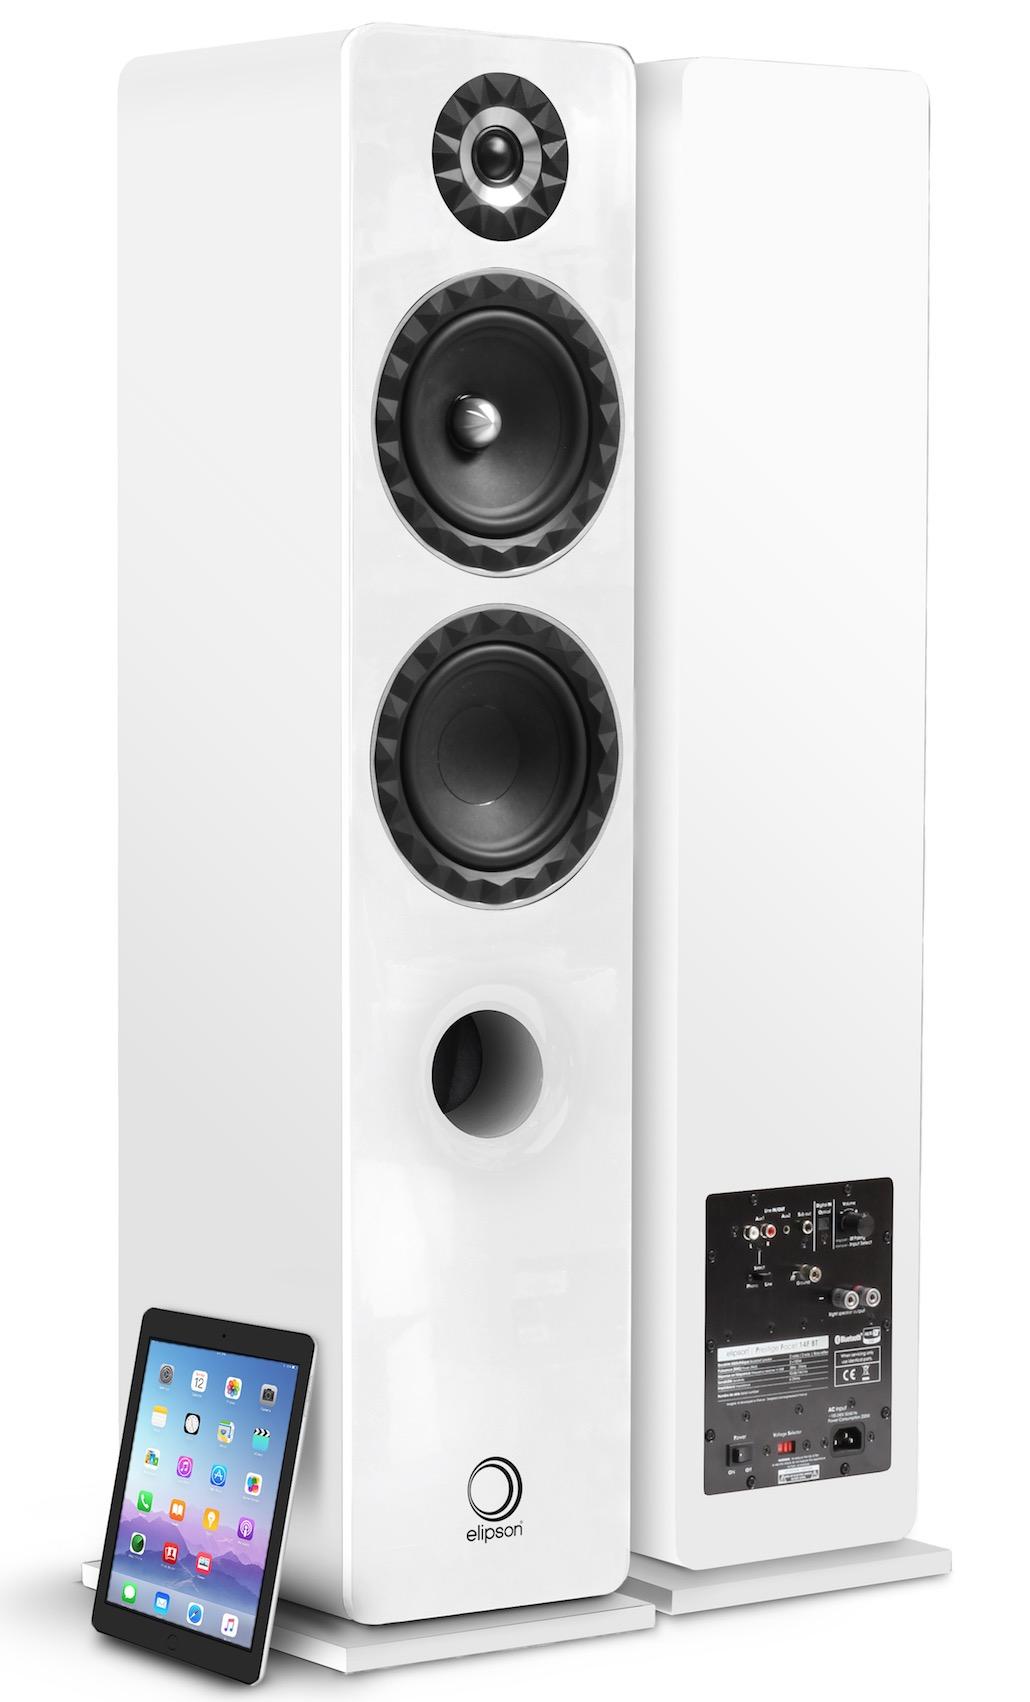 Elipson Facet speakers feature Chromecast